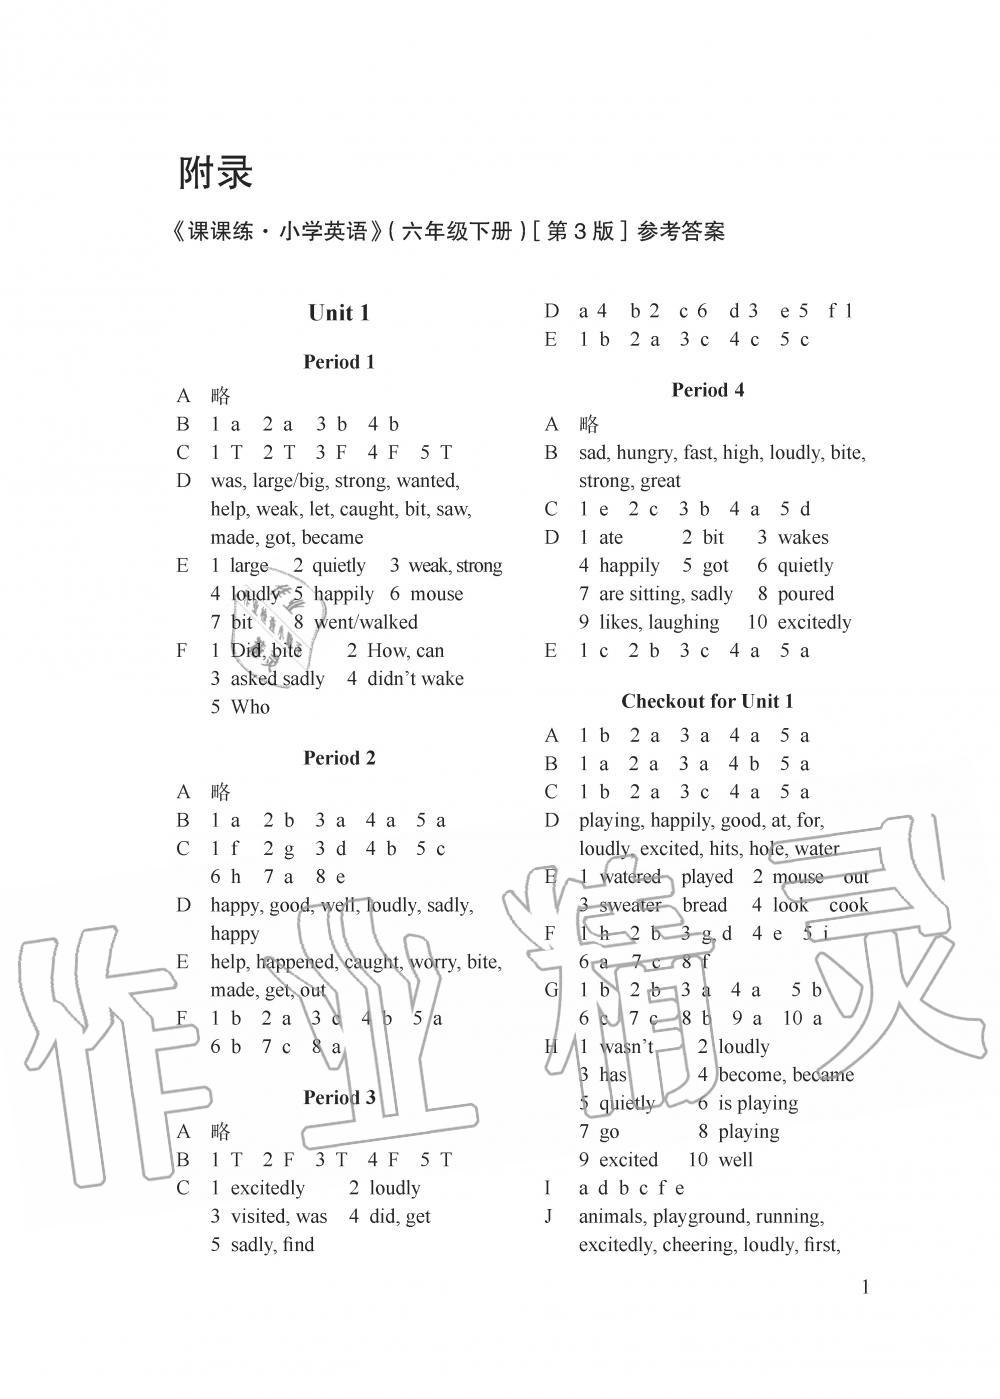 2020年課課練小學英語六年級下冊譯林版第1頁